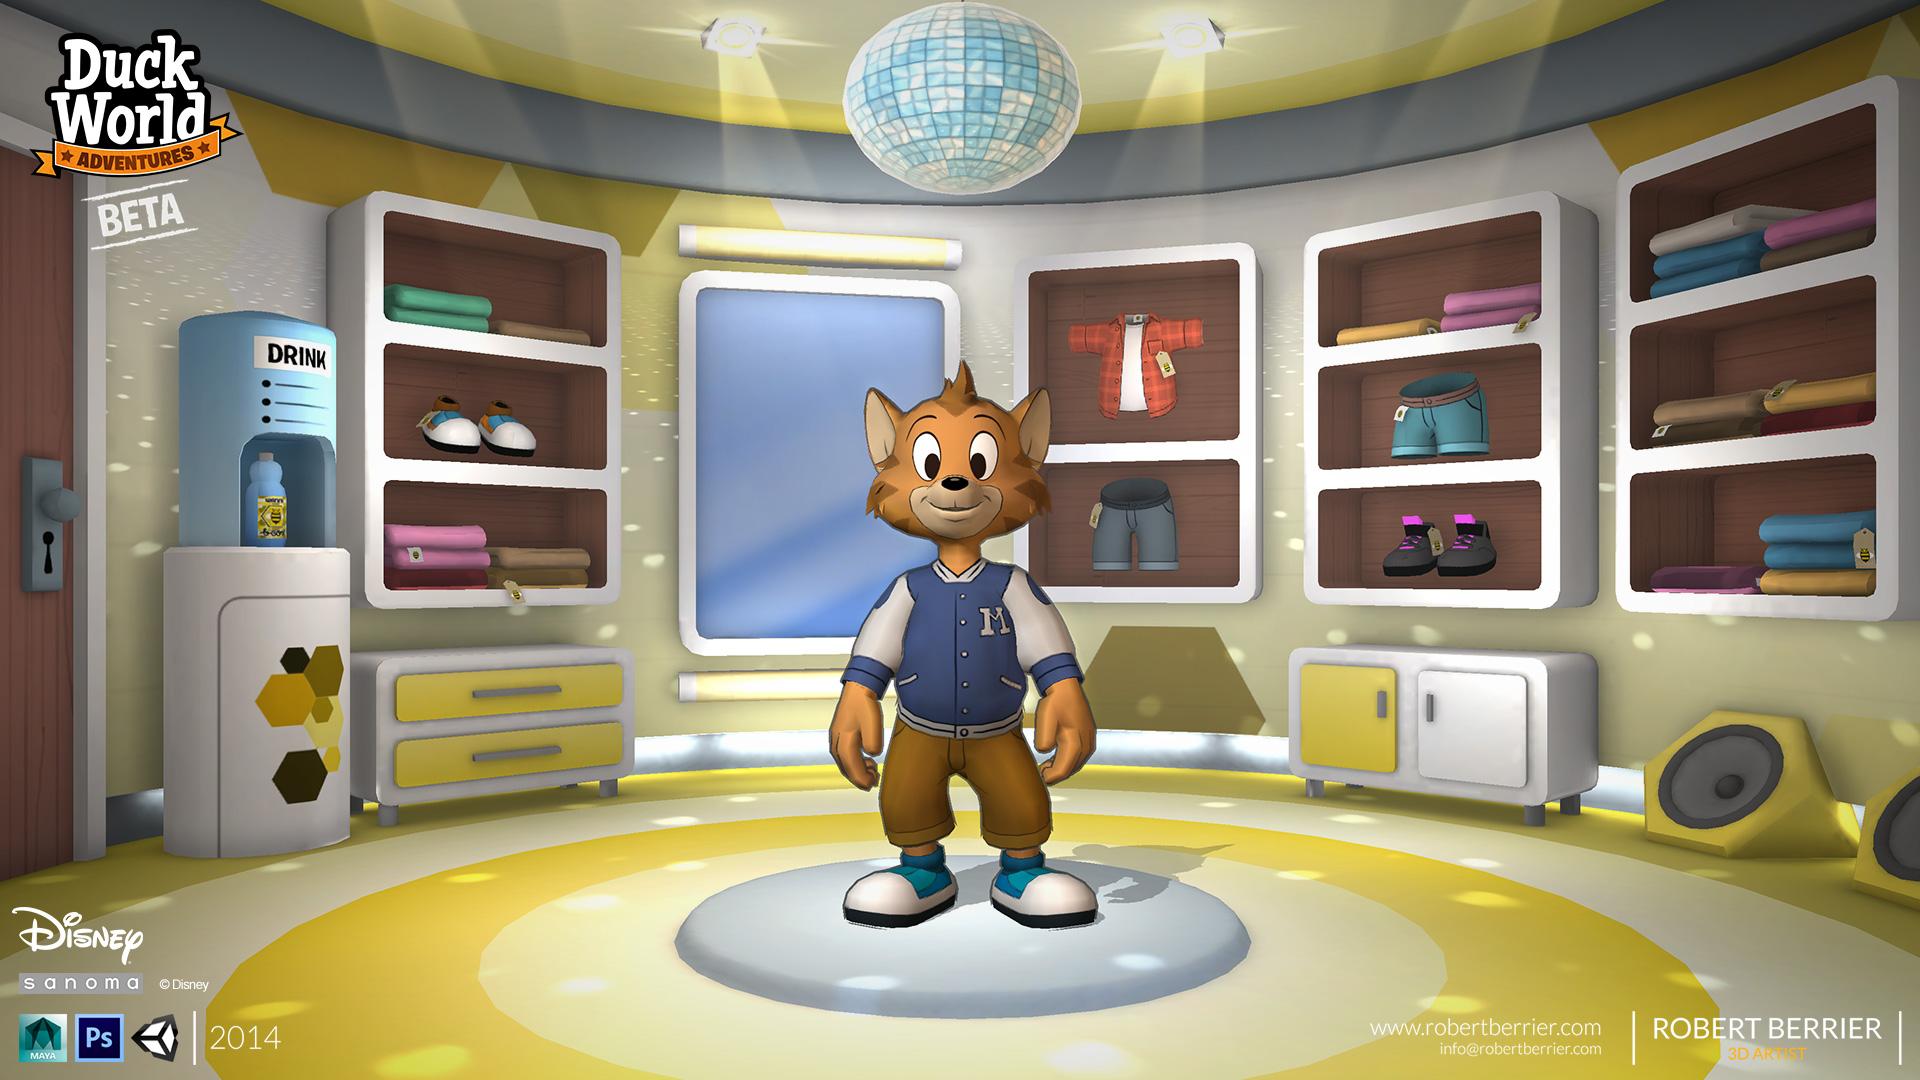 Robert Berrier - Disney - Duck World - B-cool Shop